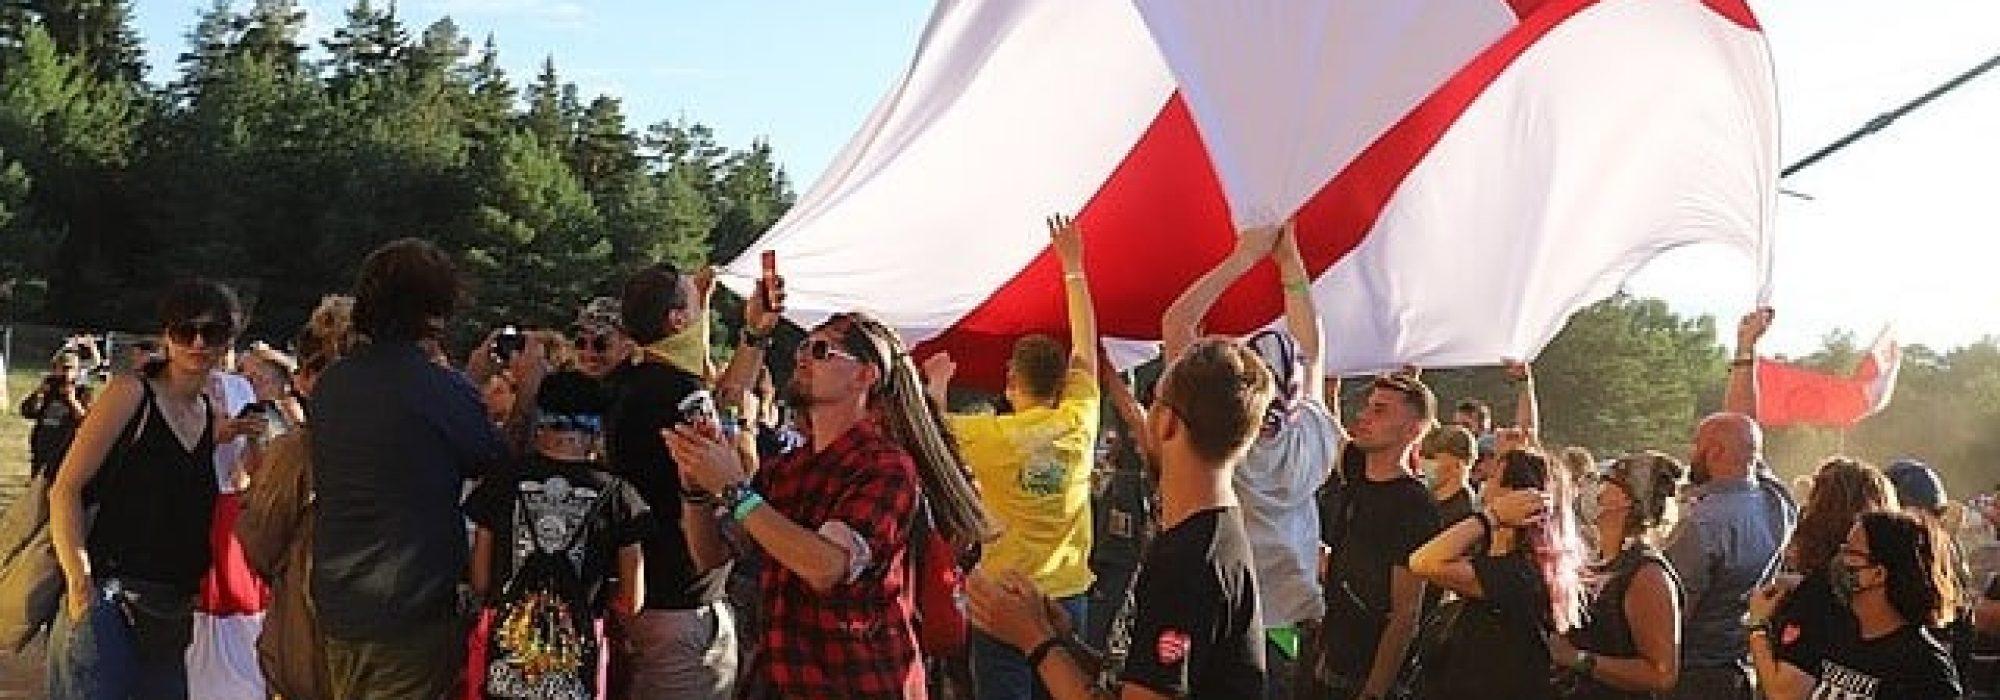 2021_Pol'and'Rock_(154)_Białoruś